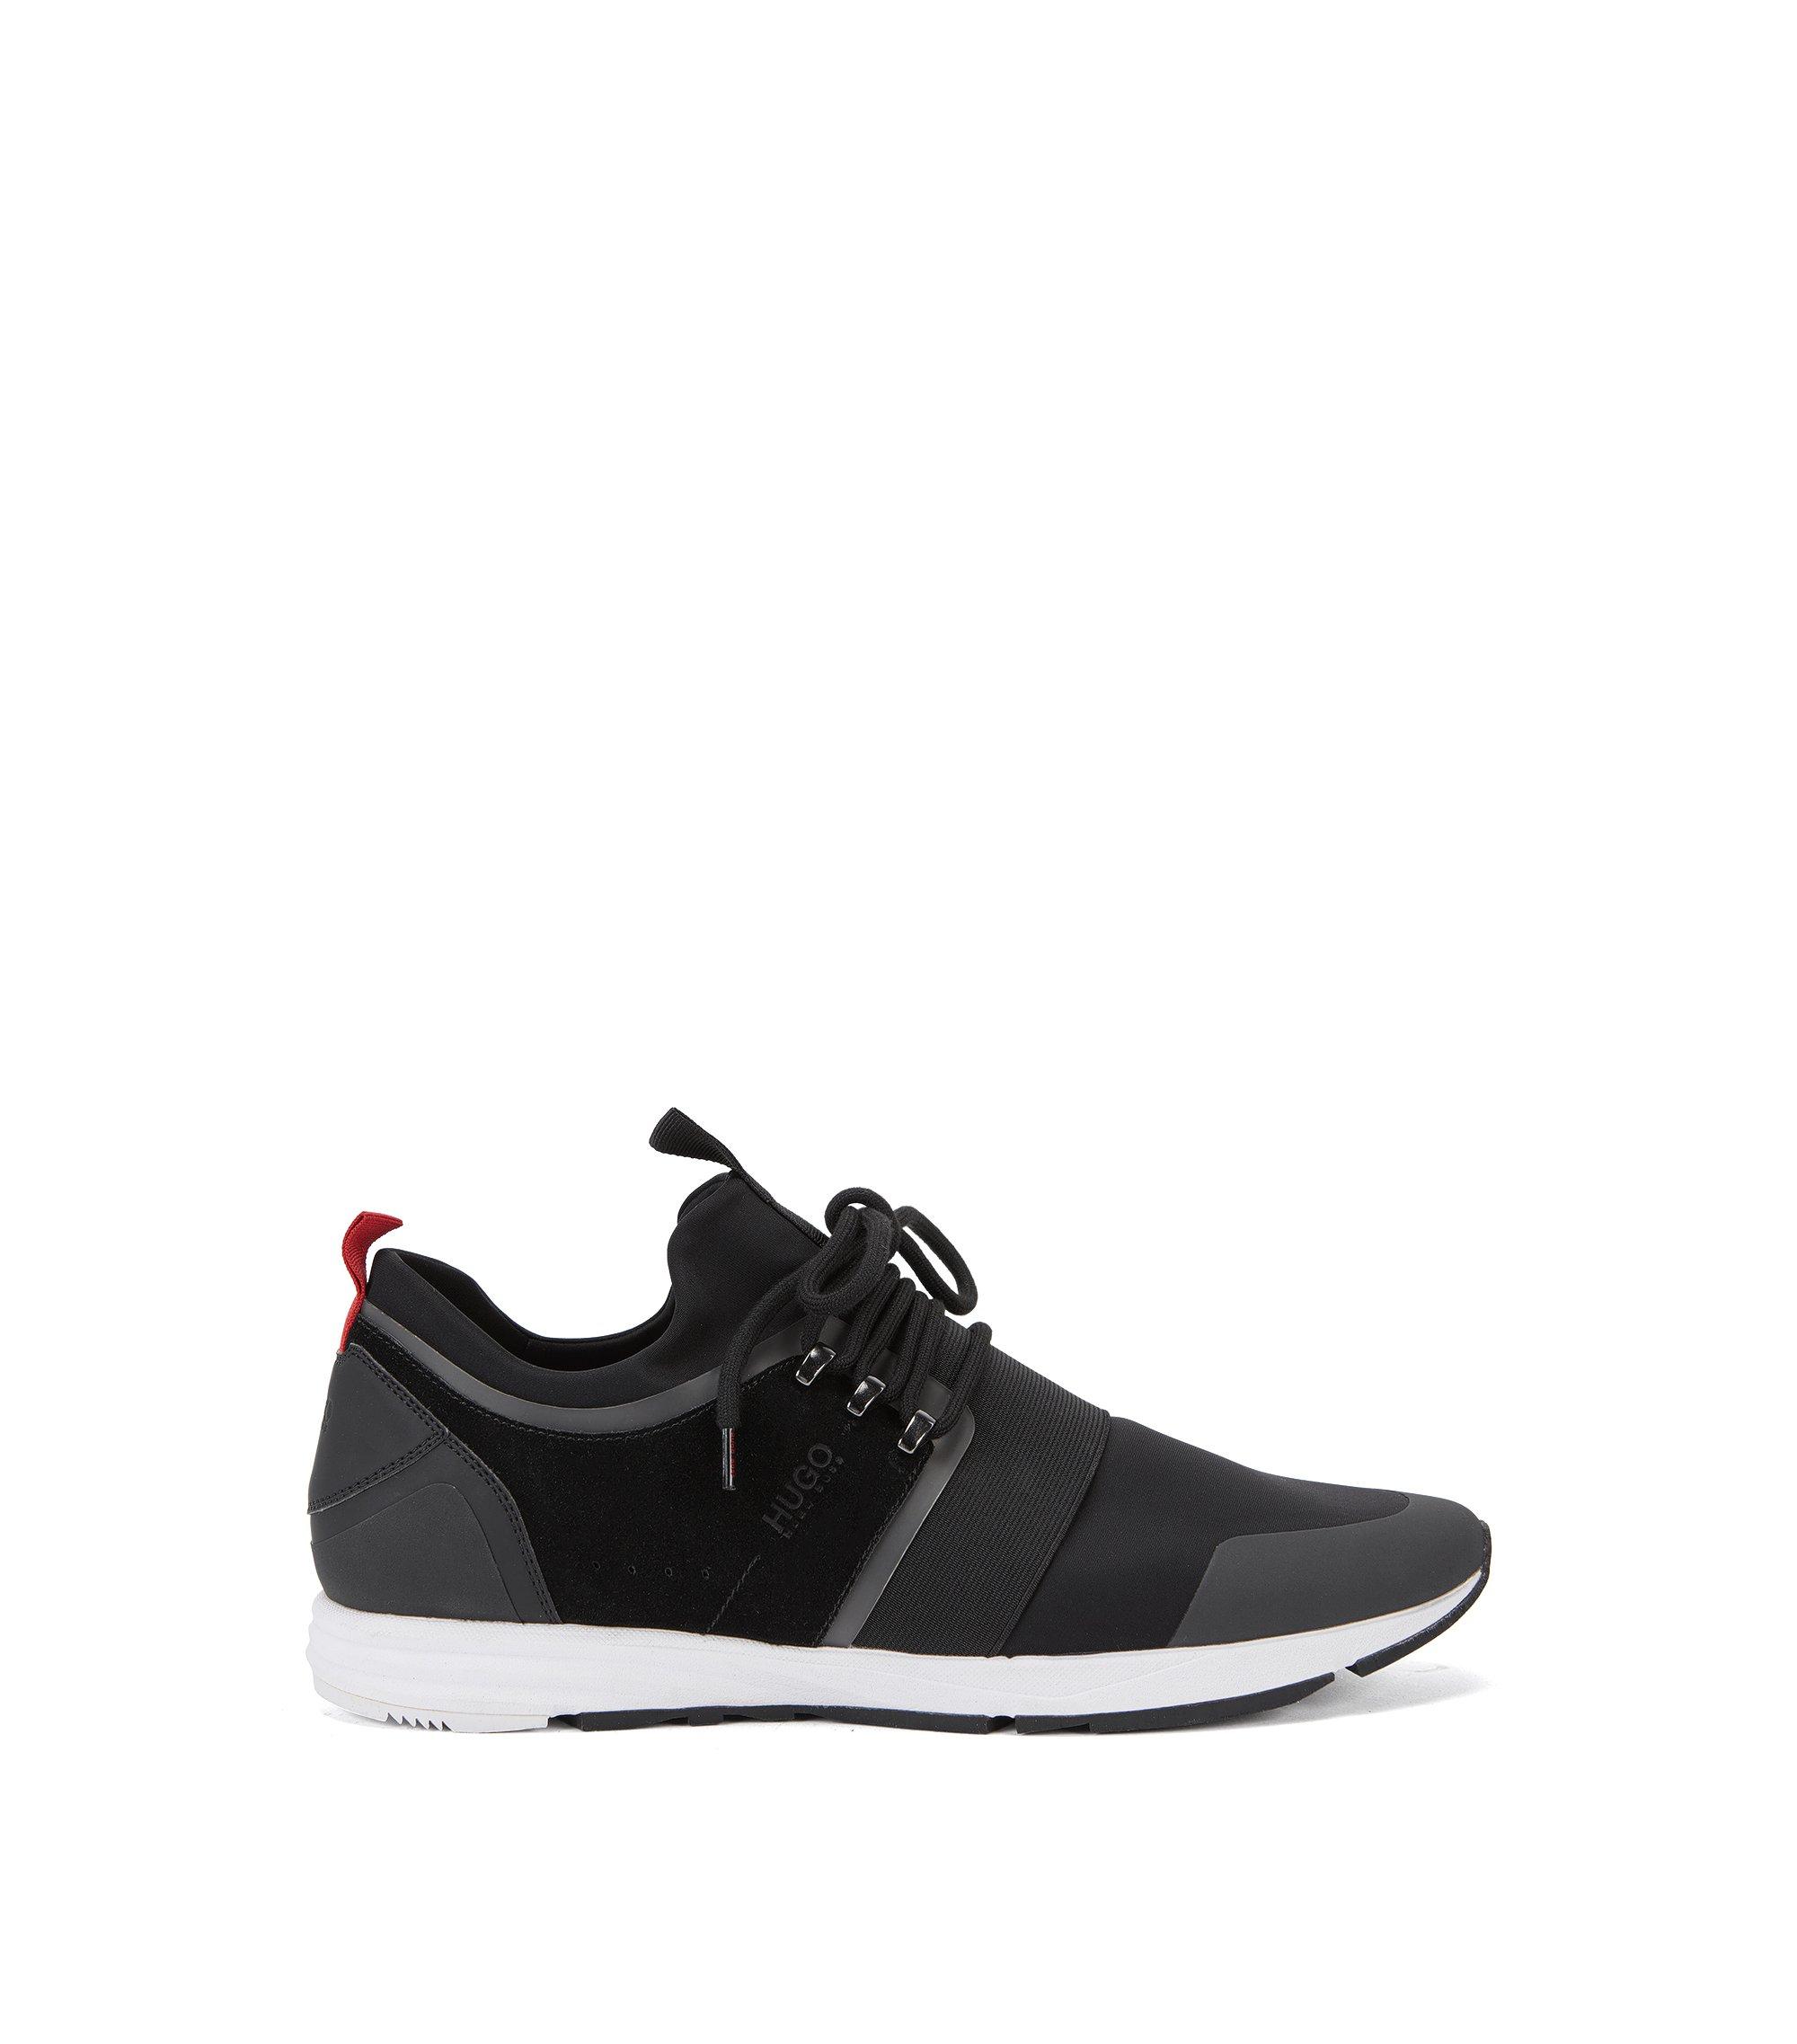 Sneakers met Vibram-zool en elastisch banddetail, Zwart